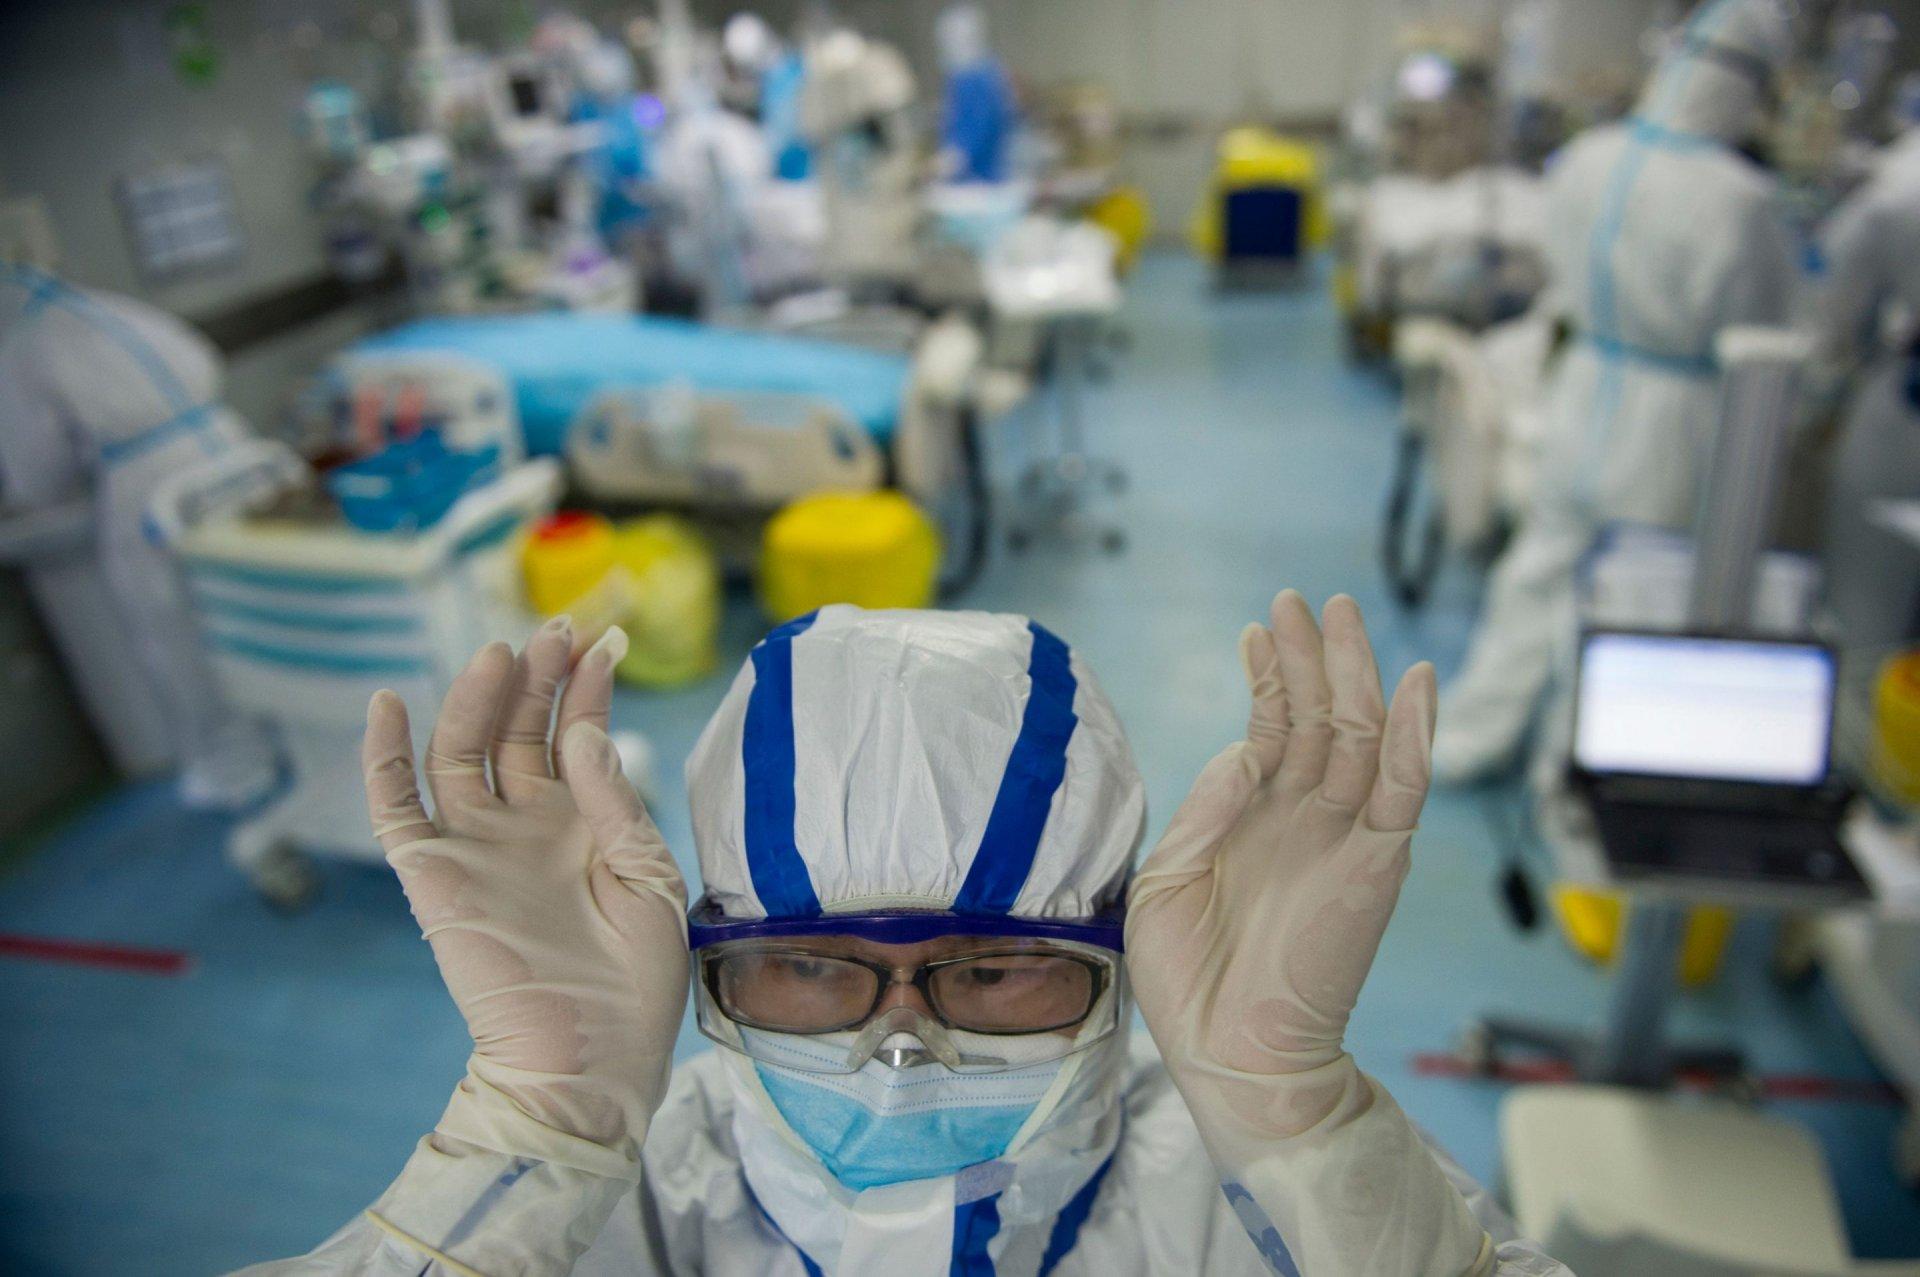 COVID-19 халдварын үед эрүүл мэндийн ажилтнуудын хөдөлмөрийн эрүүл мэнд, аюулгүй байдлыг хангах уриалга